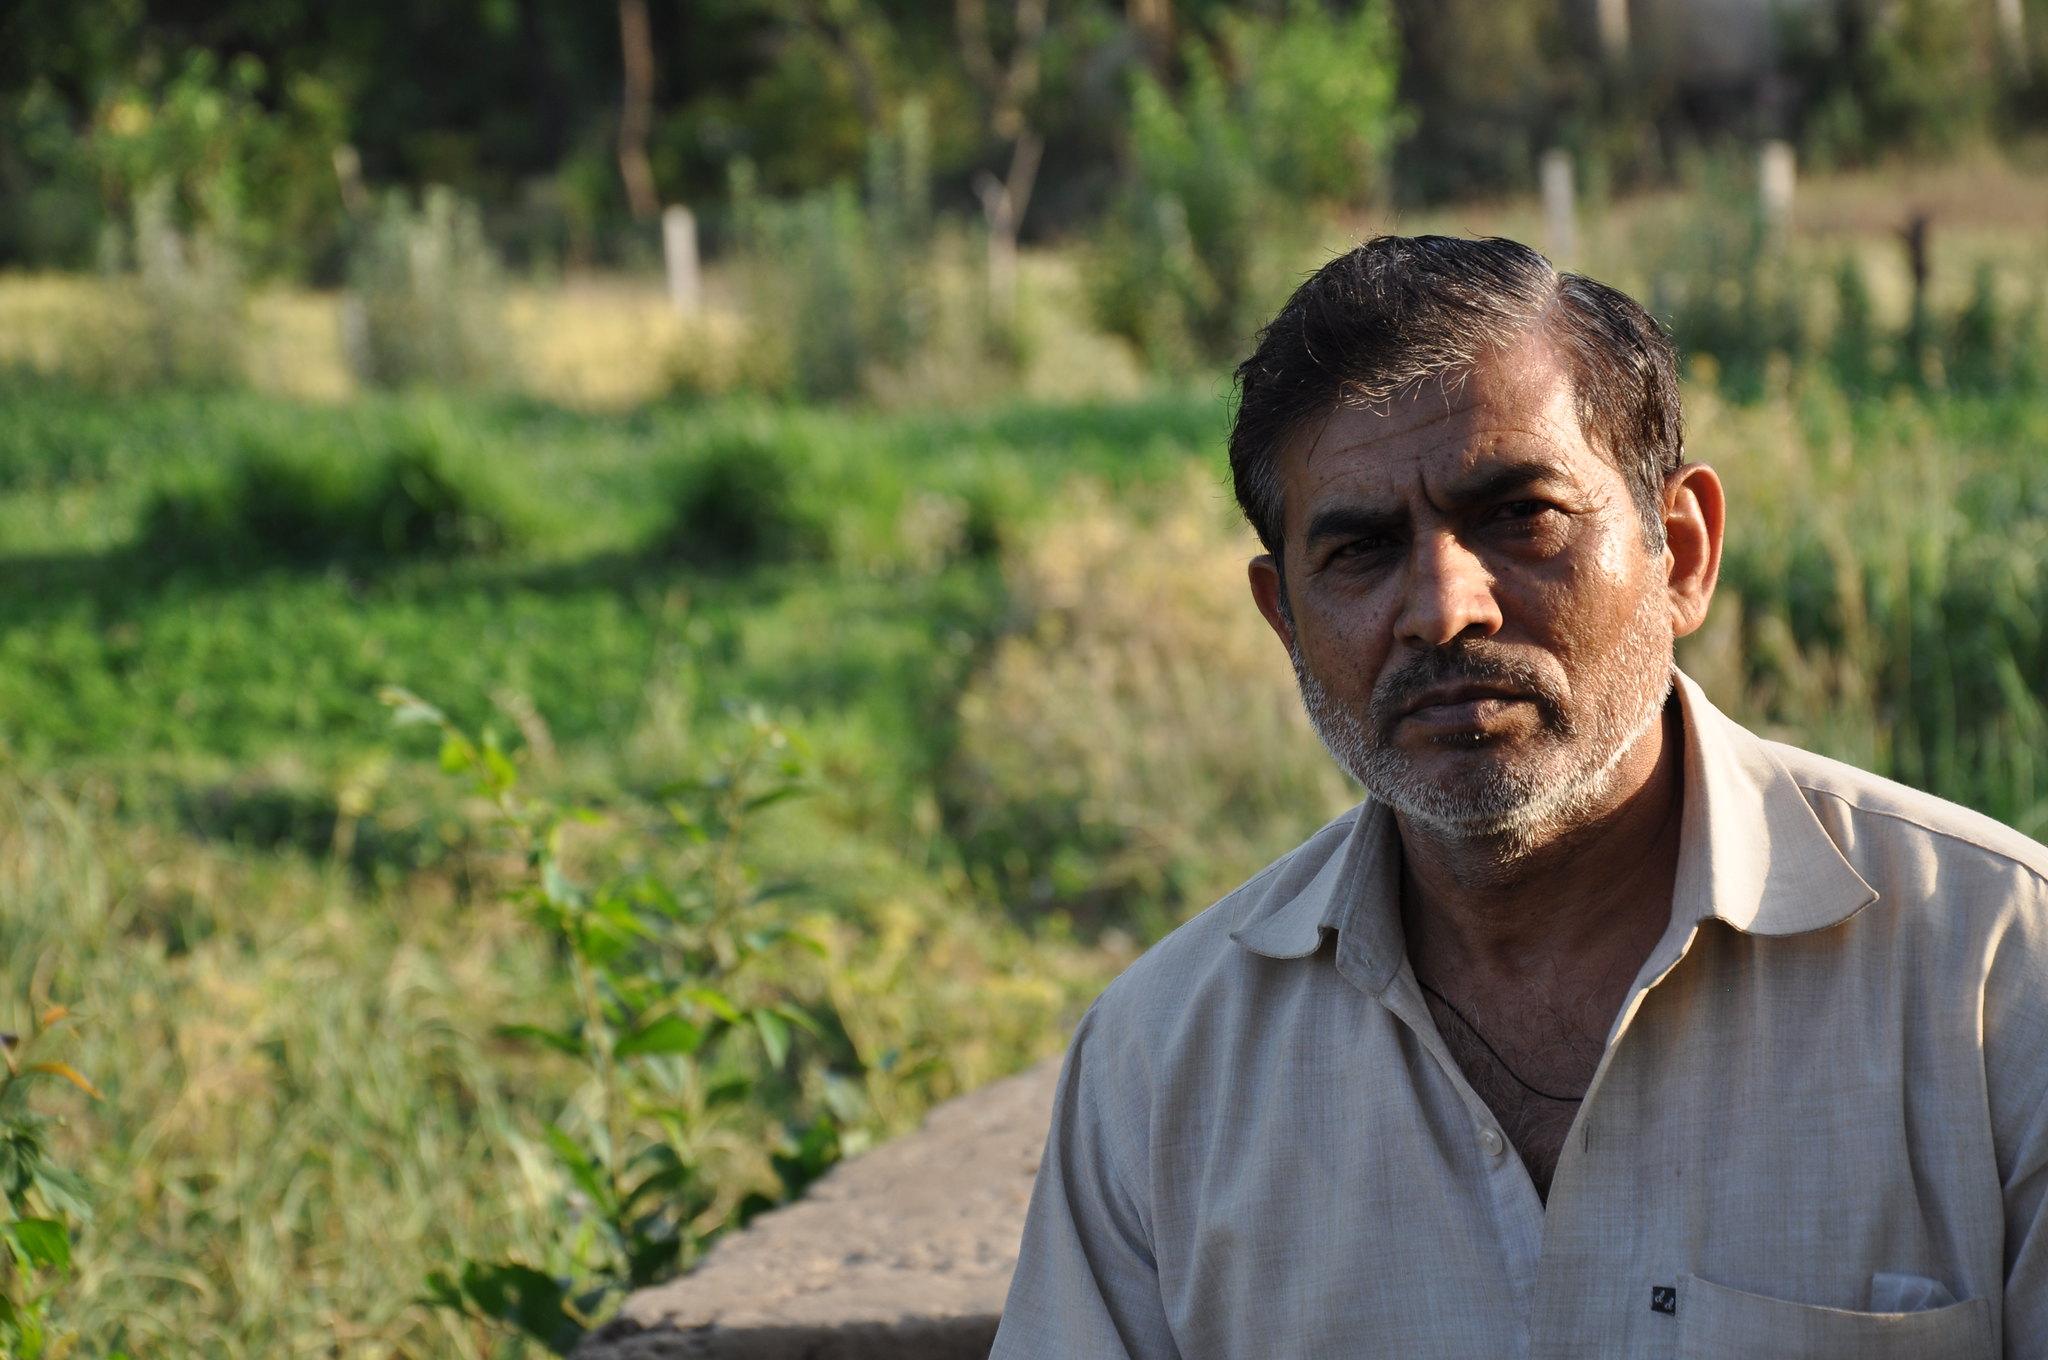 Bhagola Yadav, Age 60